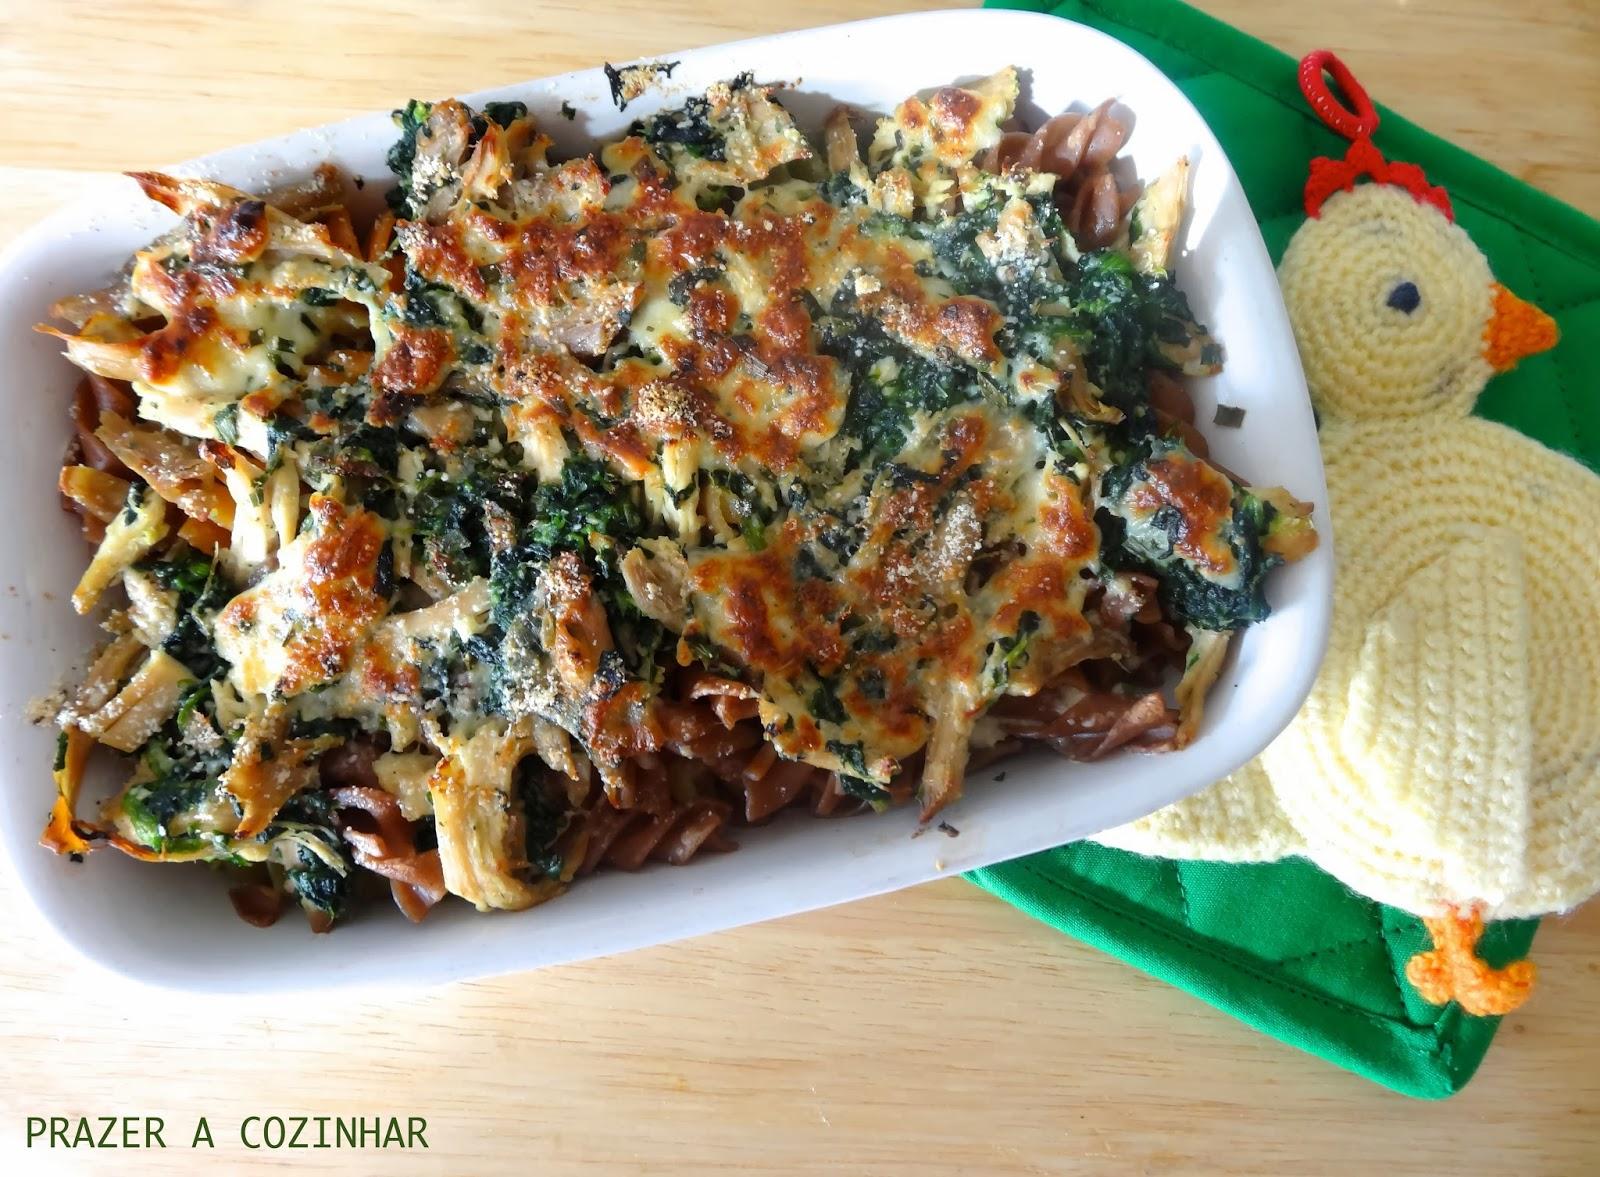 prazer a cozinhar - Gratinado de frango e espinafres